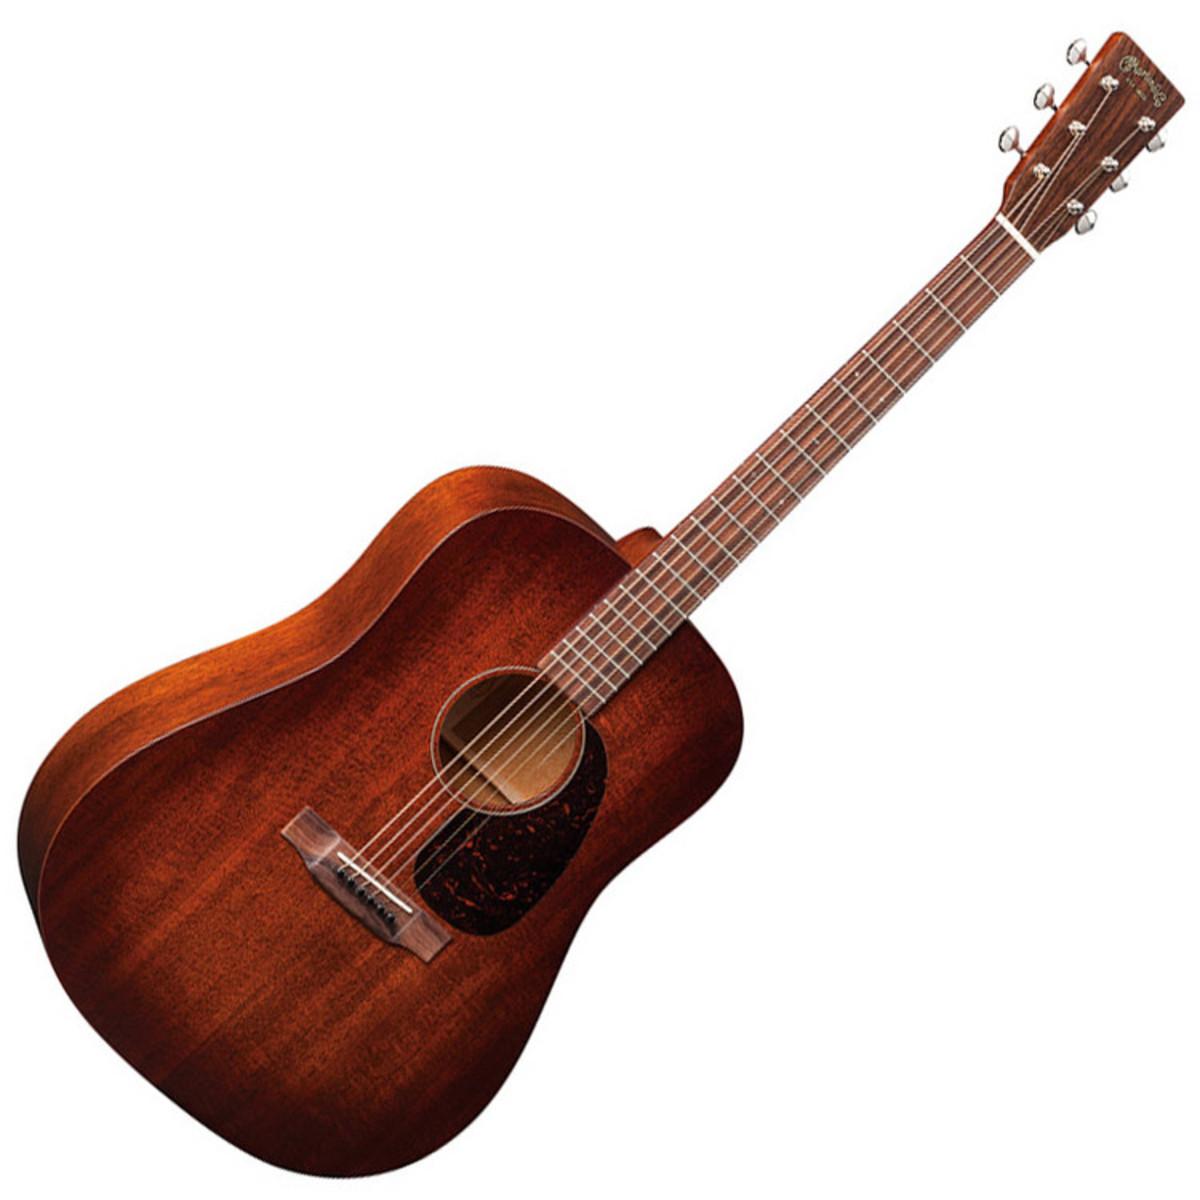 martin d 15m acoustic guitar mahogany burst top ex demo at. Black Bedroom Furniture Sets. Home Design Ideas